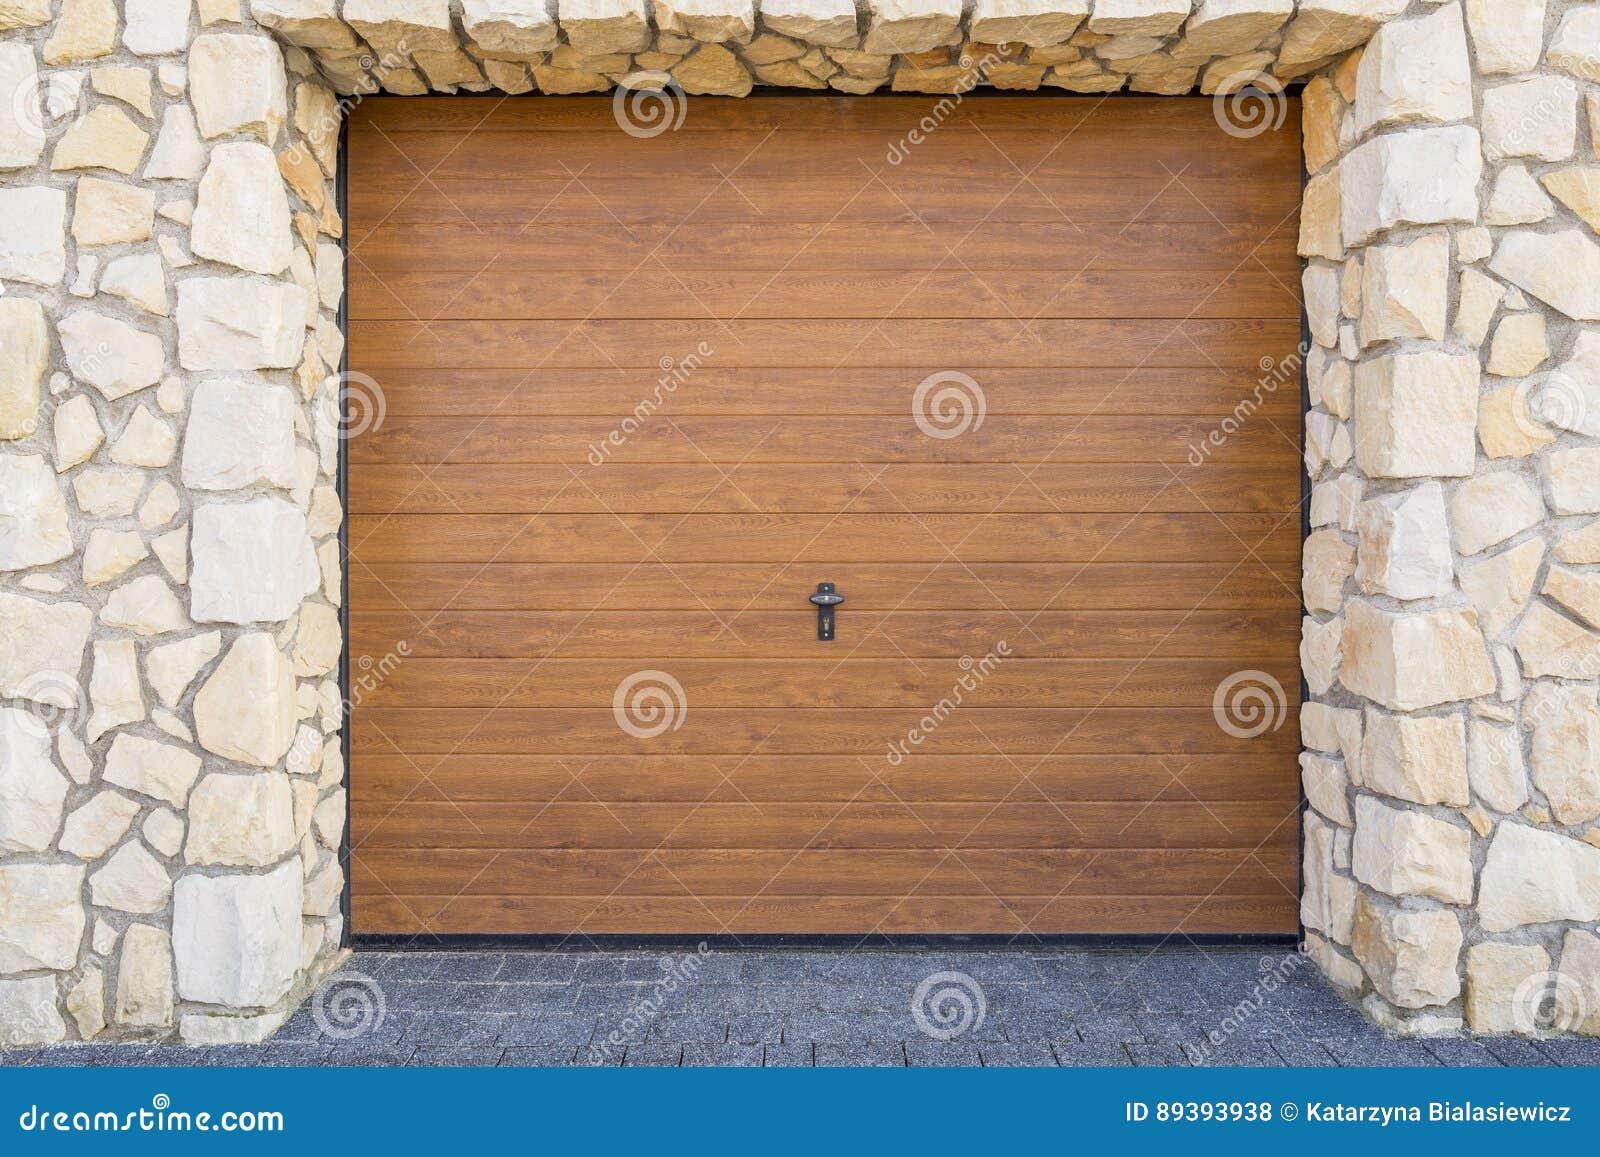 Wooden Garage Door Stock Photo Image Of Port Garage 89393938